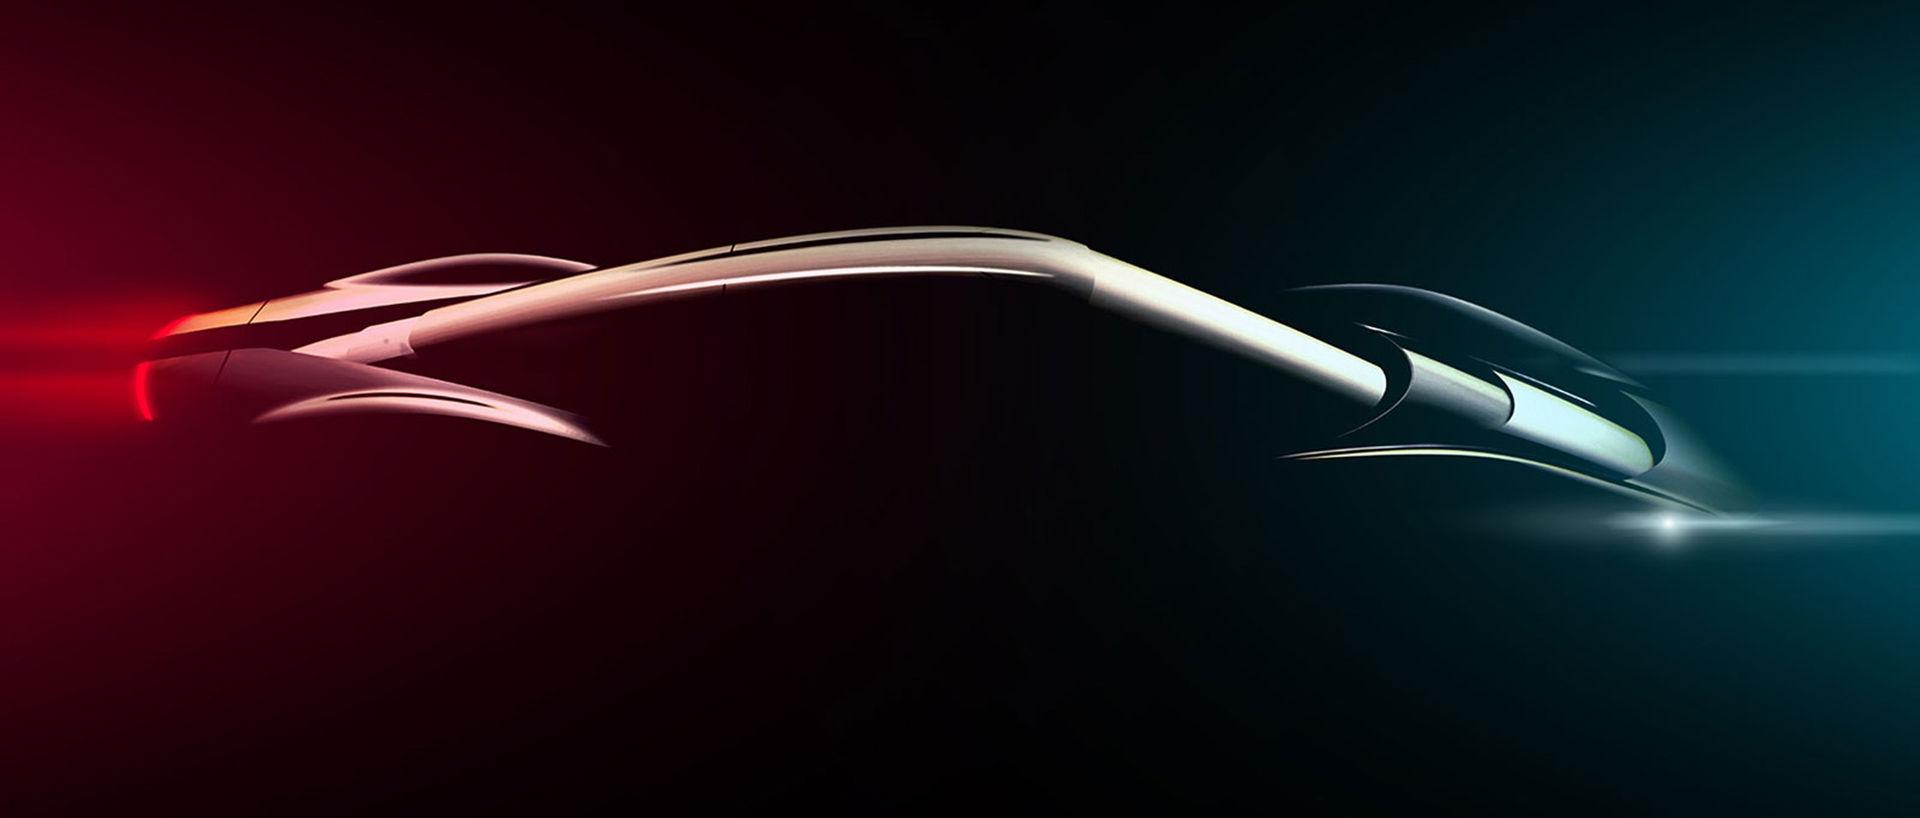 Fler bilder på Pininfarinas nya konceptbil